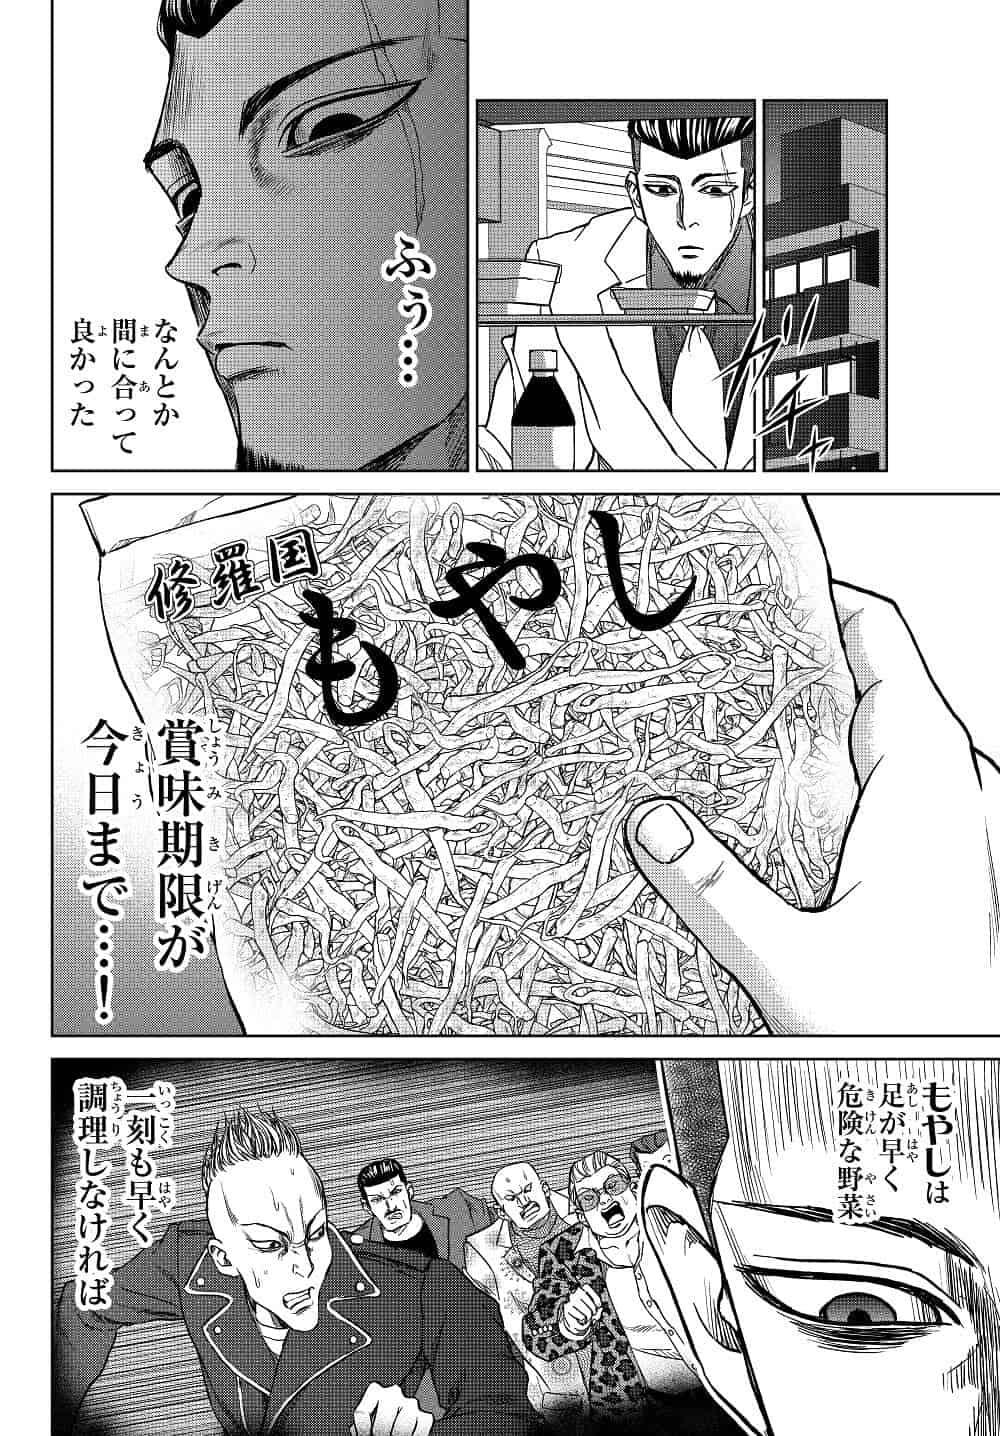 ヤクザ漫画:紺田照の合法レシピのワンシーン